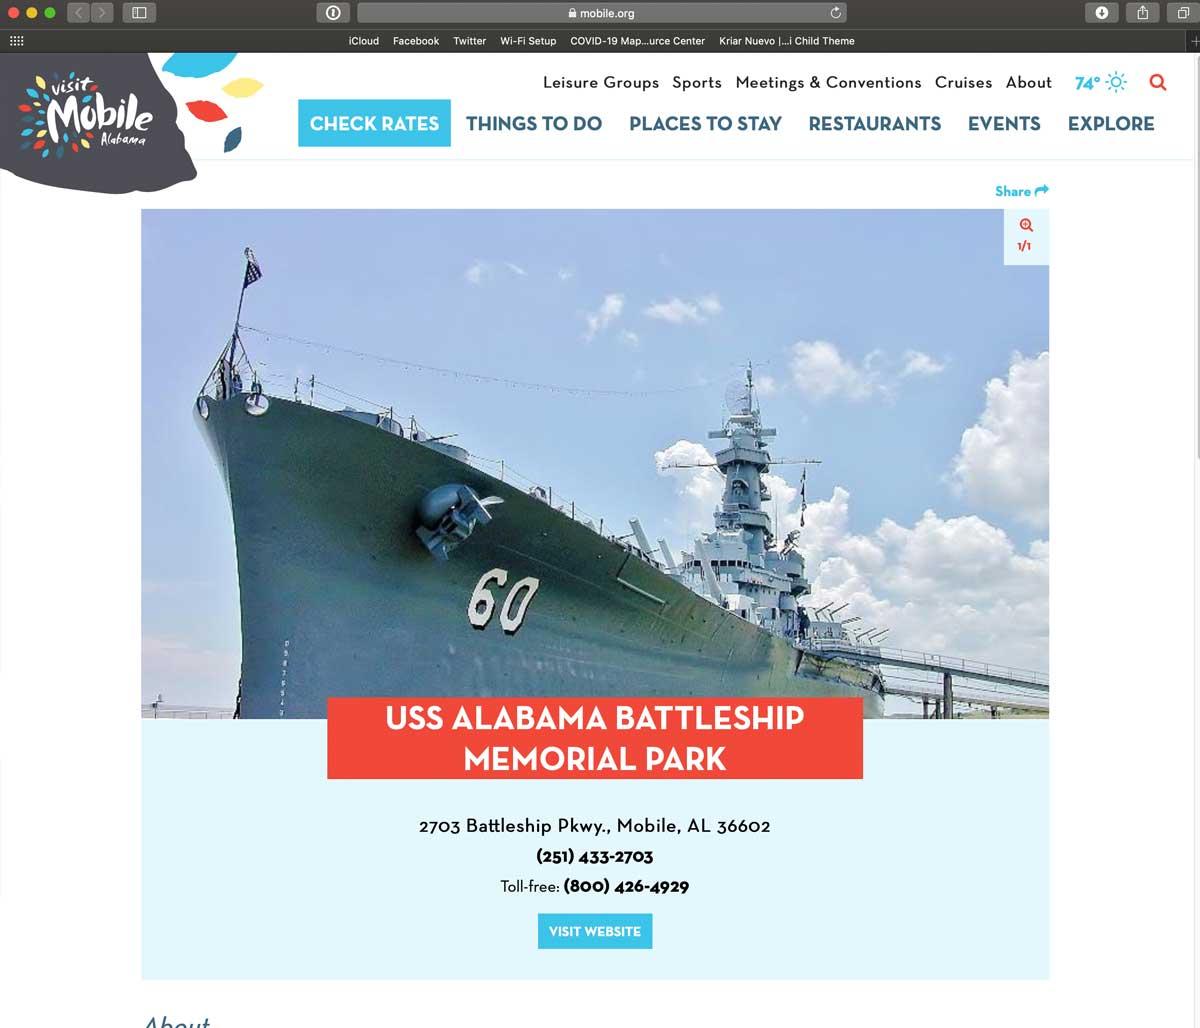 Mobile Battleship Park